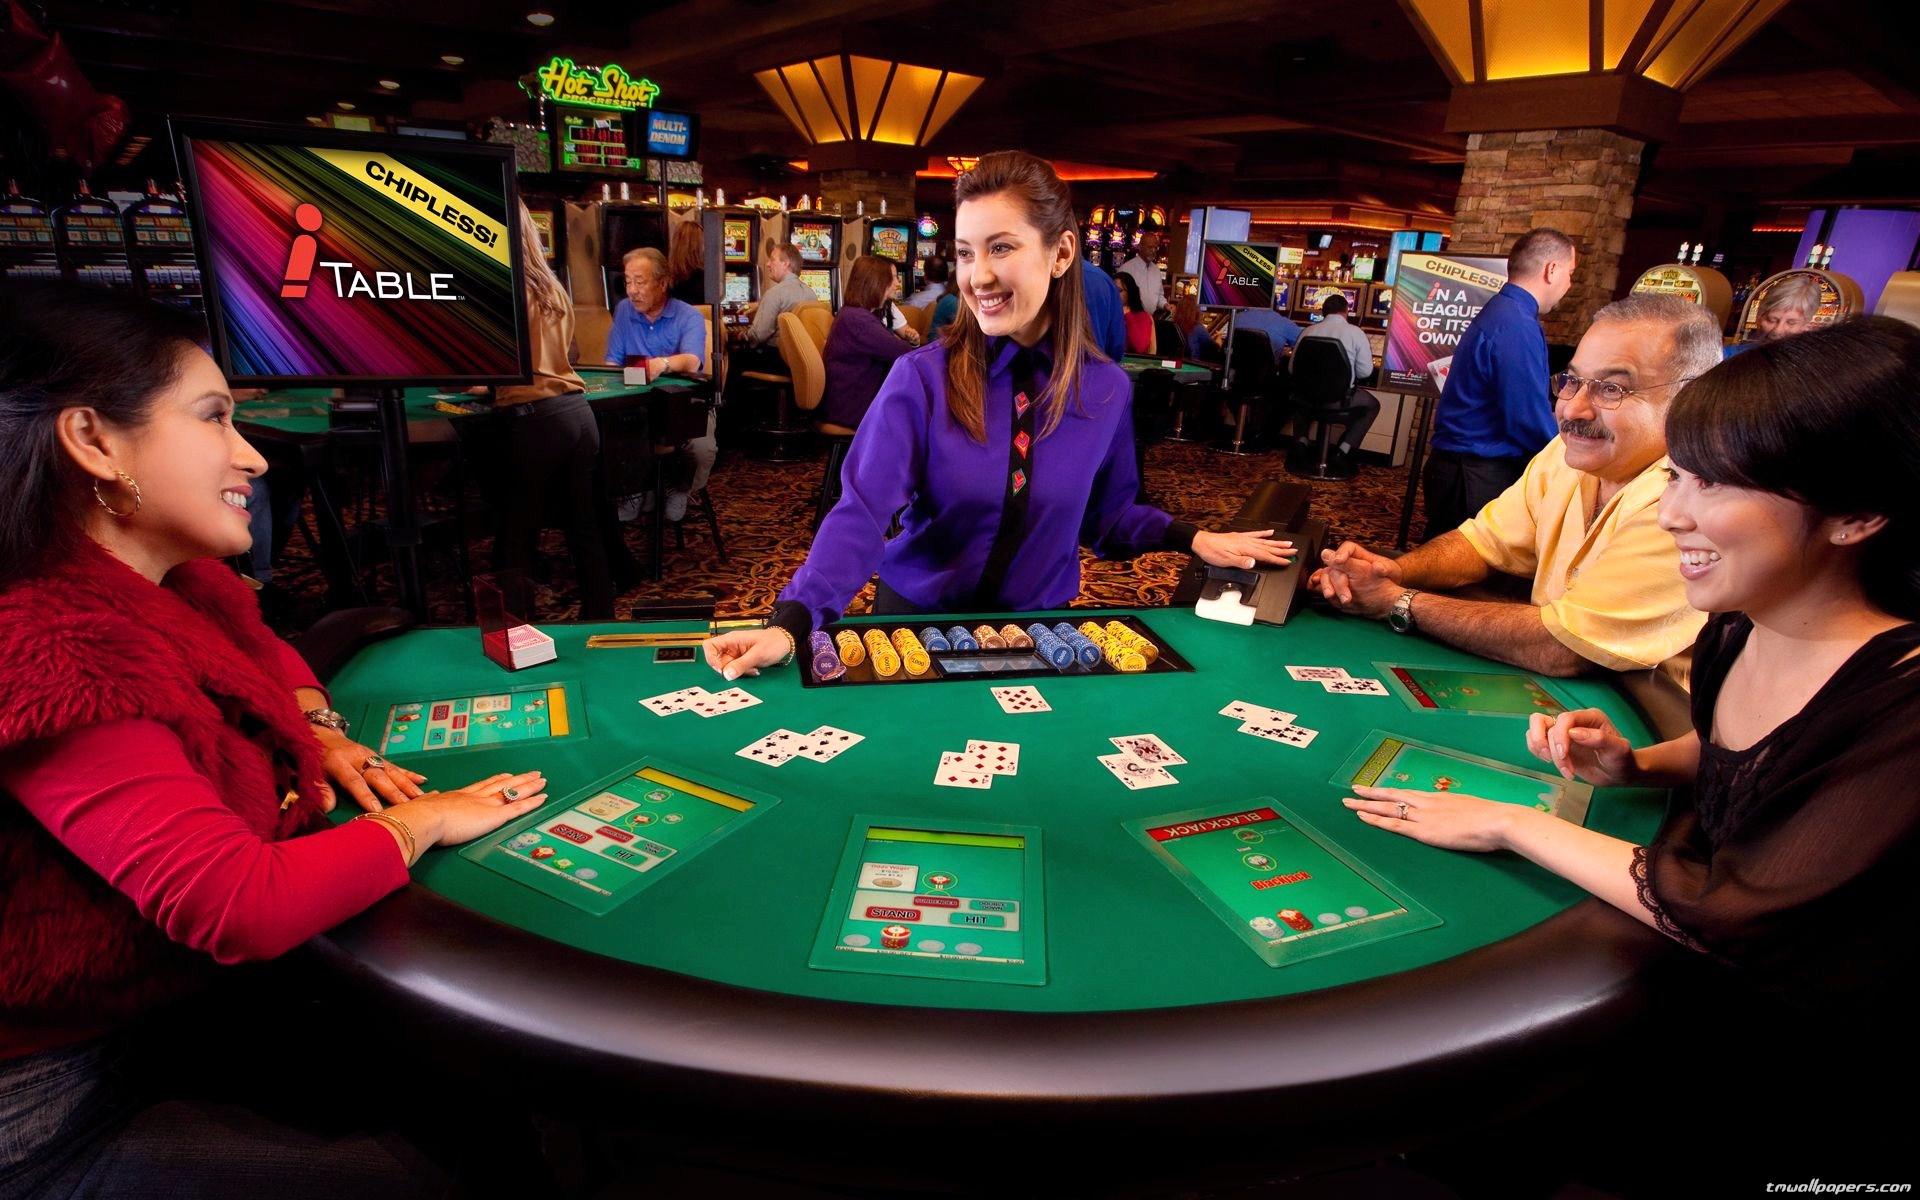 casino movie online casino games dice